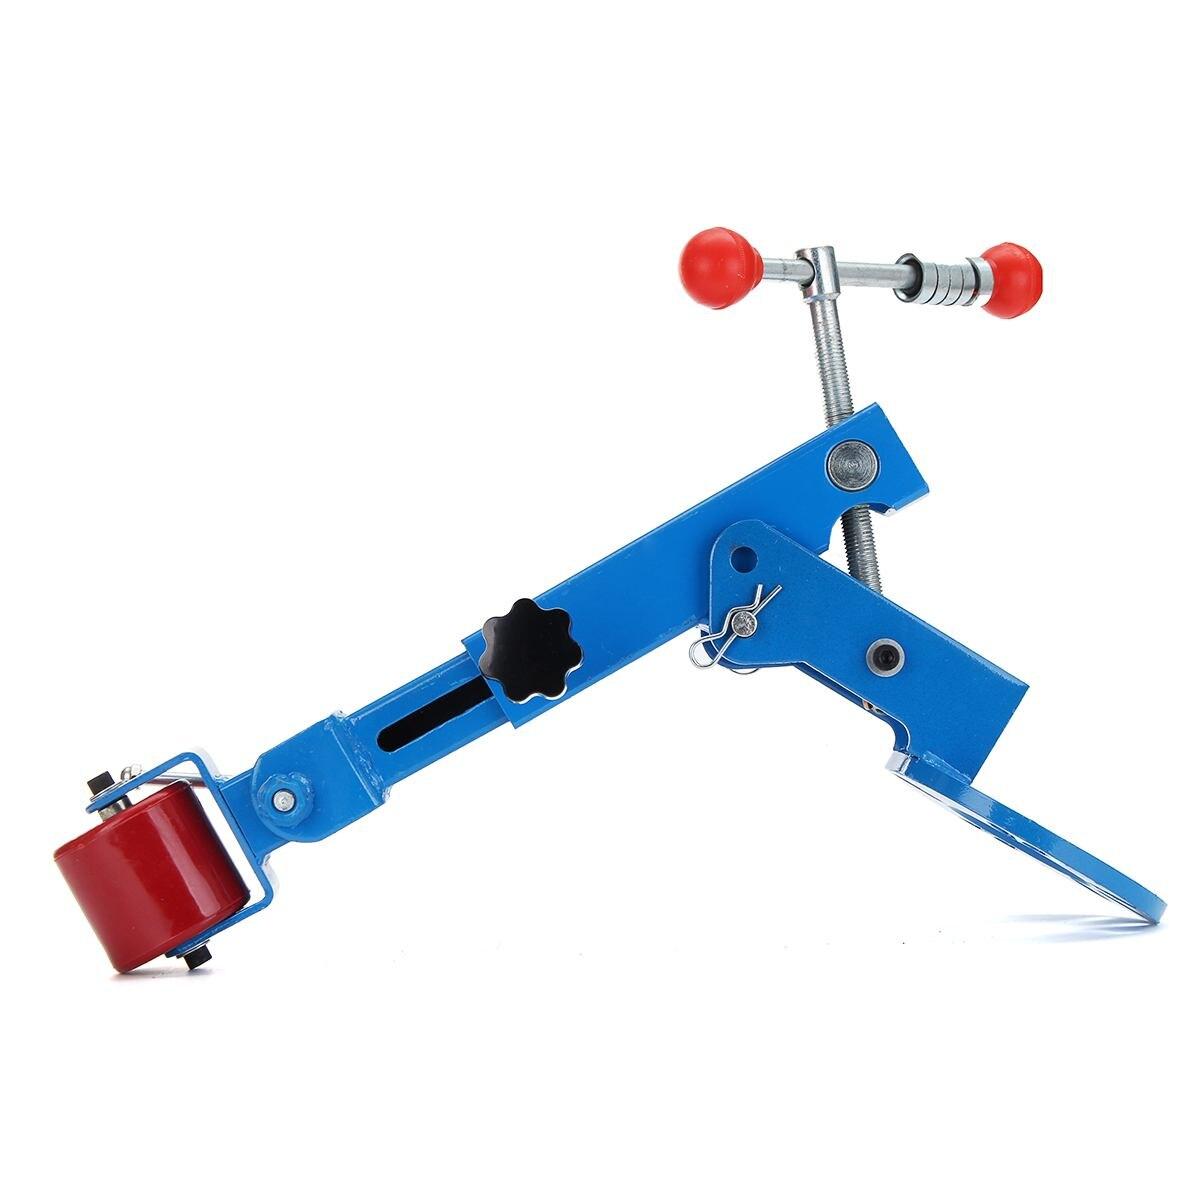 Rouleau bleu pour Fender Réforme L'extension Outil Roue Rouleau Torchage Ancien Lourd Pièces De Machines à bois - 5